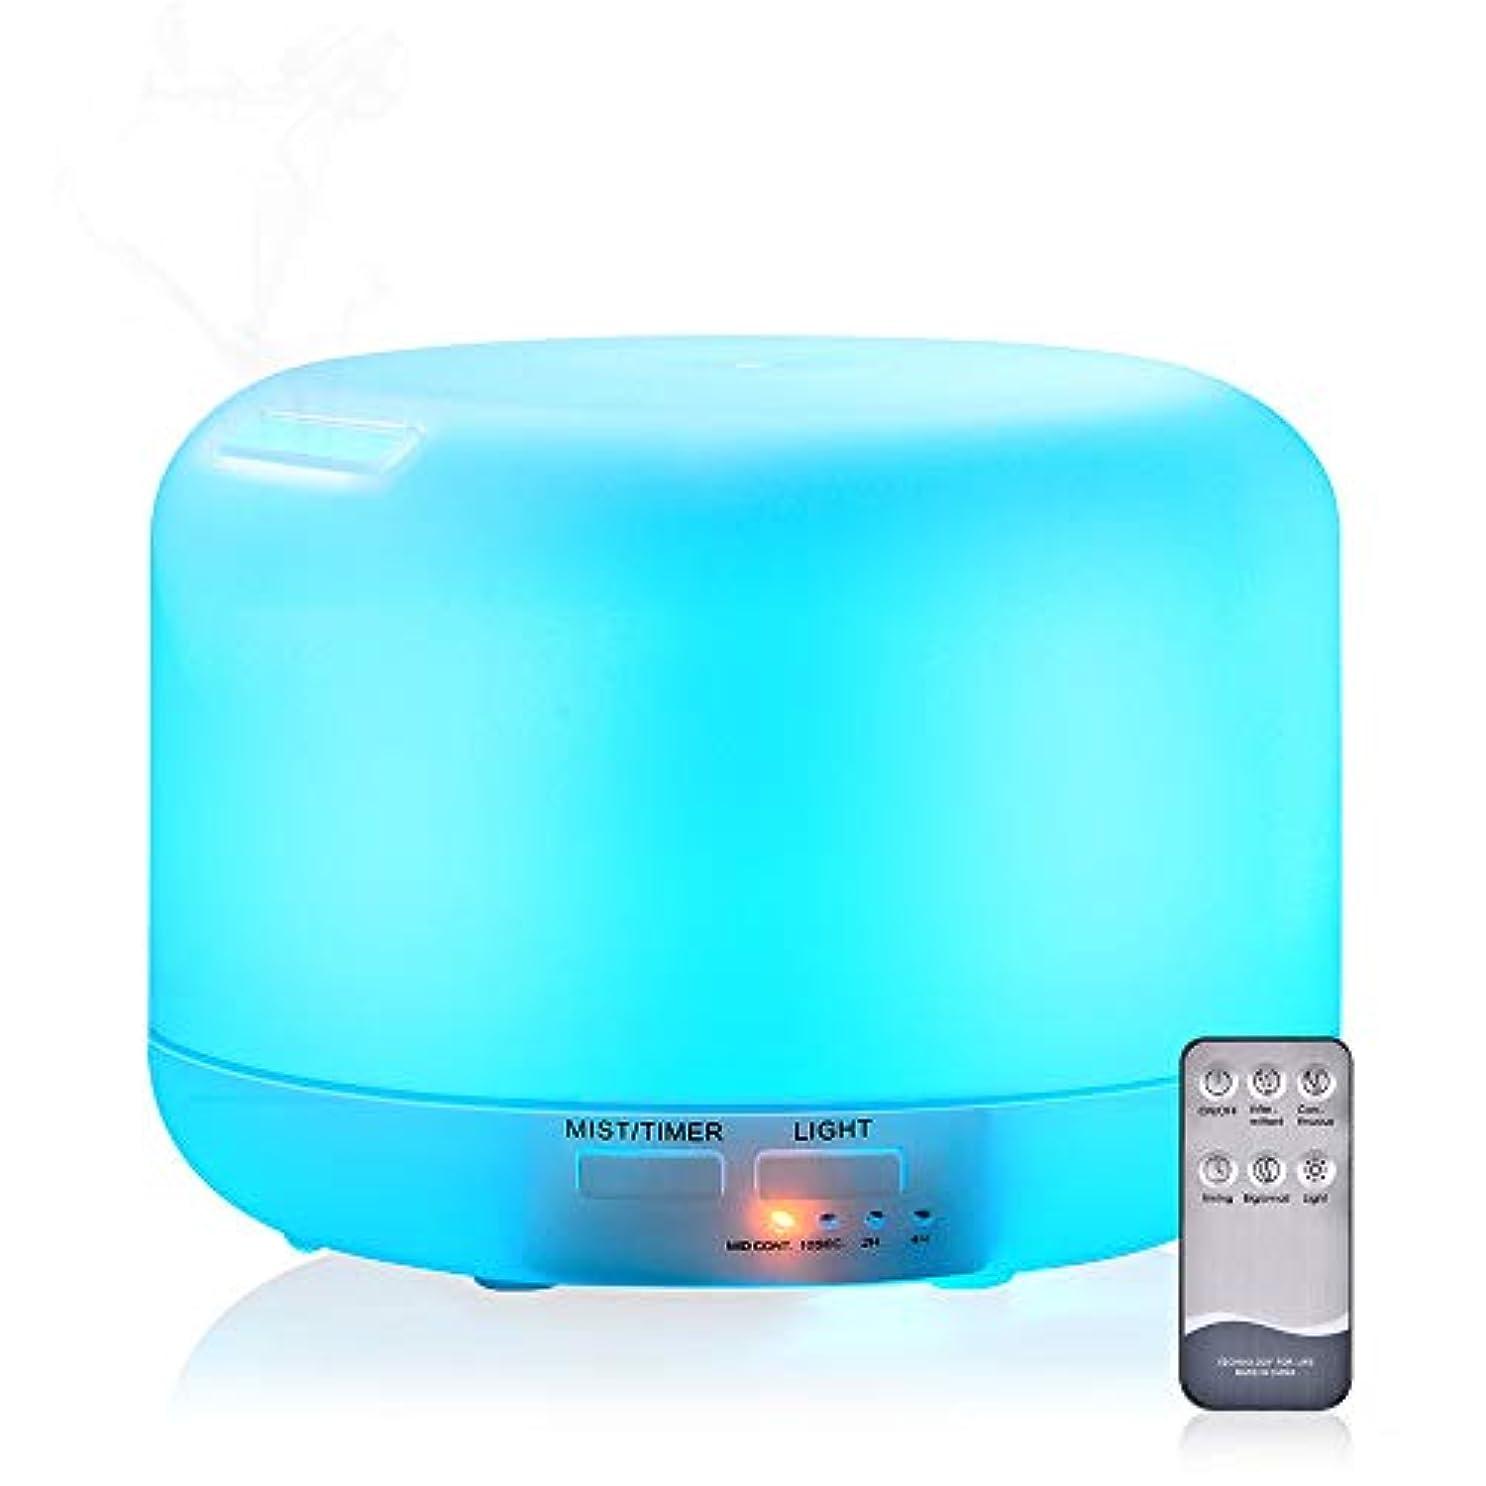 データム伝染性の南東500ミリメートルリモコン空気アロマ超音波加湿器カラーLEDライト電気アロマセラピーエッセンシャルオイルディフューザー